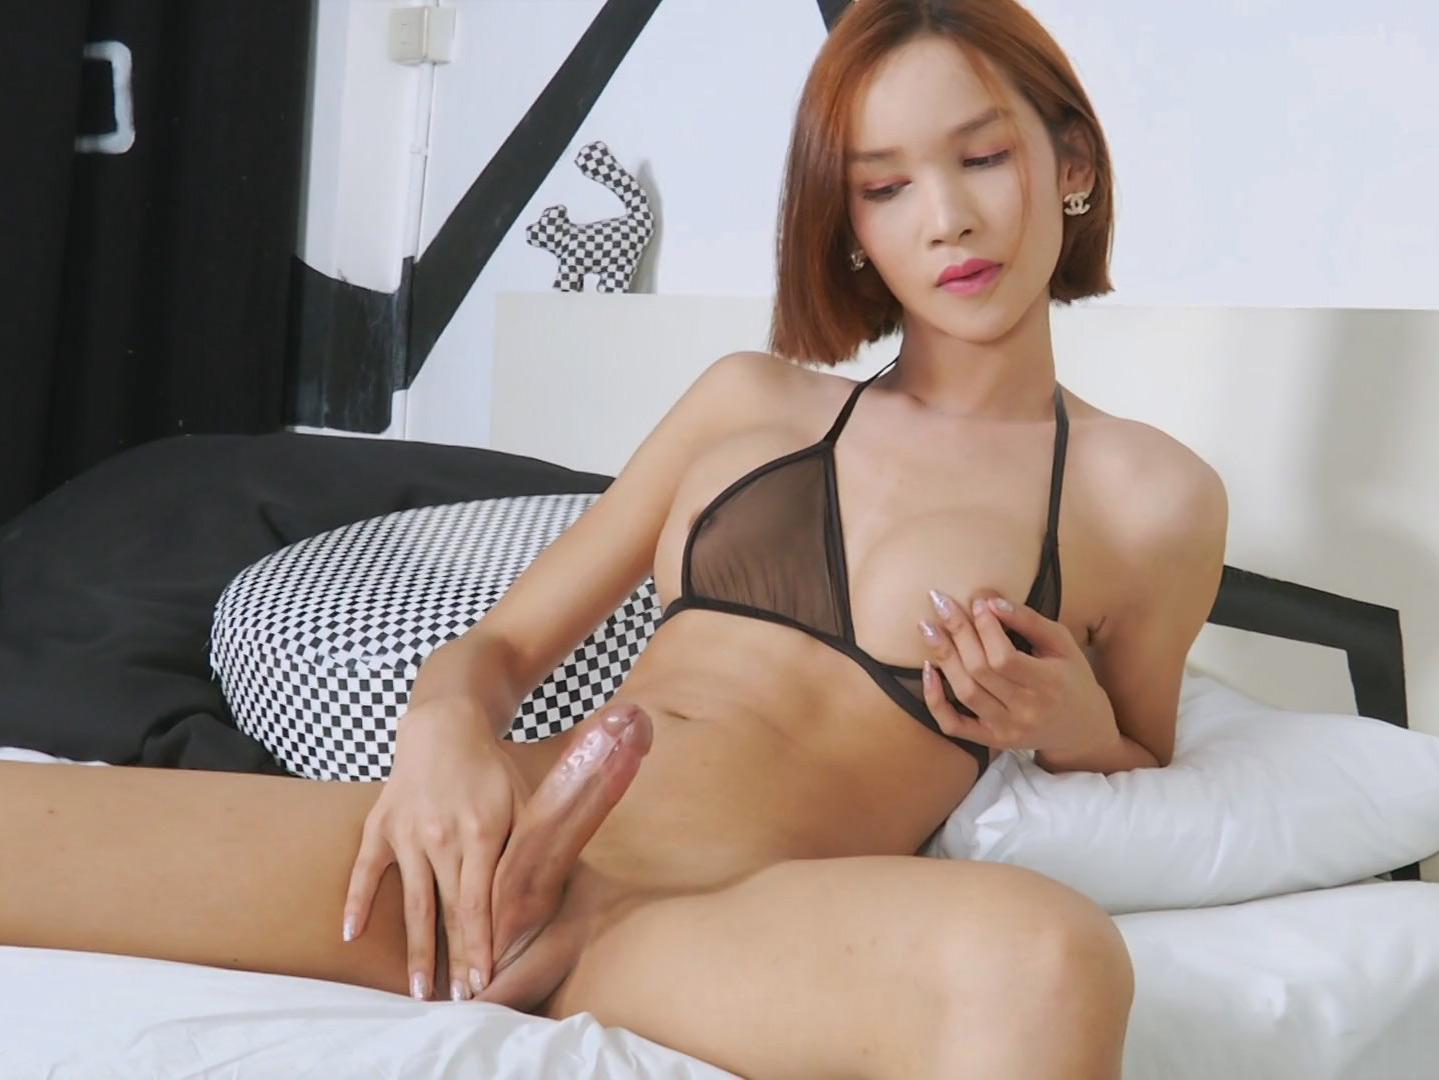 Asian Shemale Hottie Nicol Working Her Neat Pecker